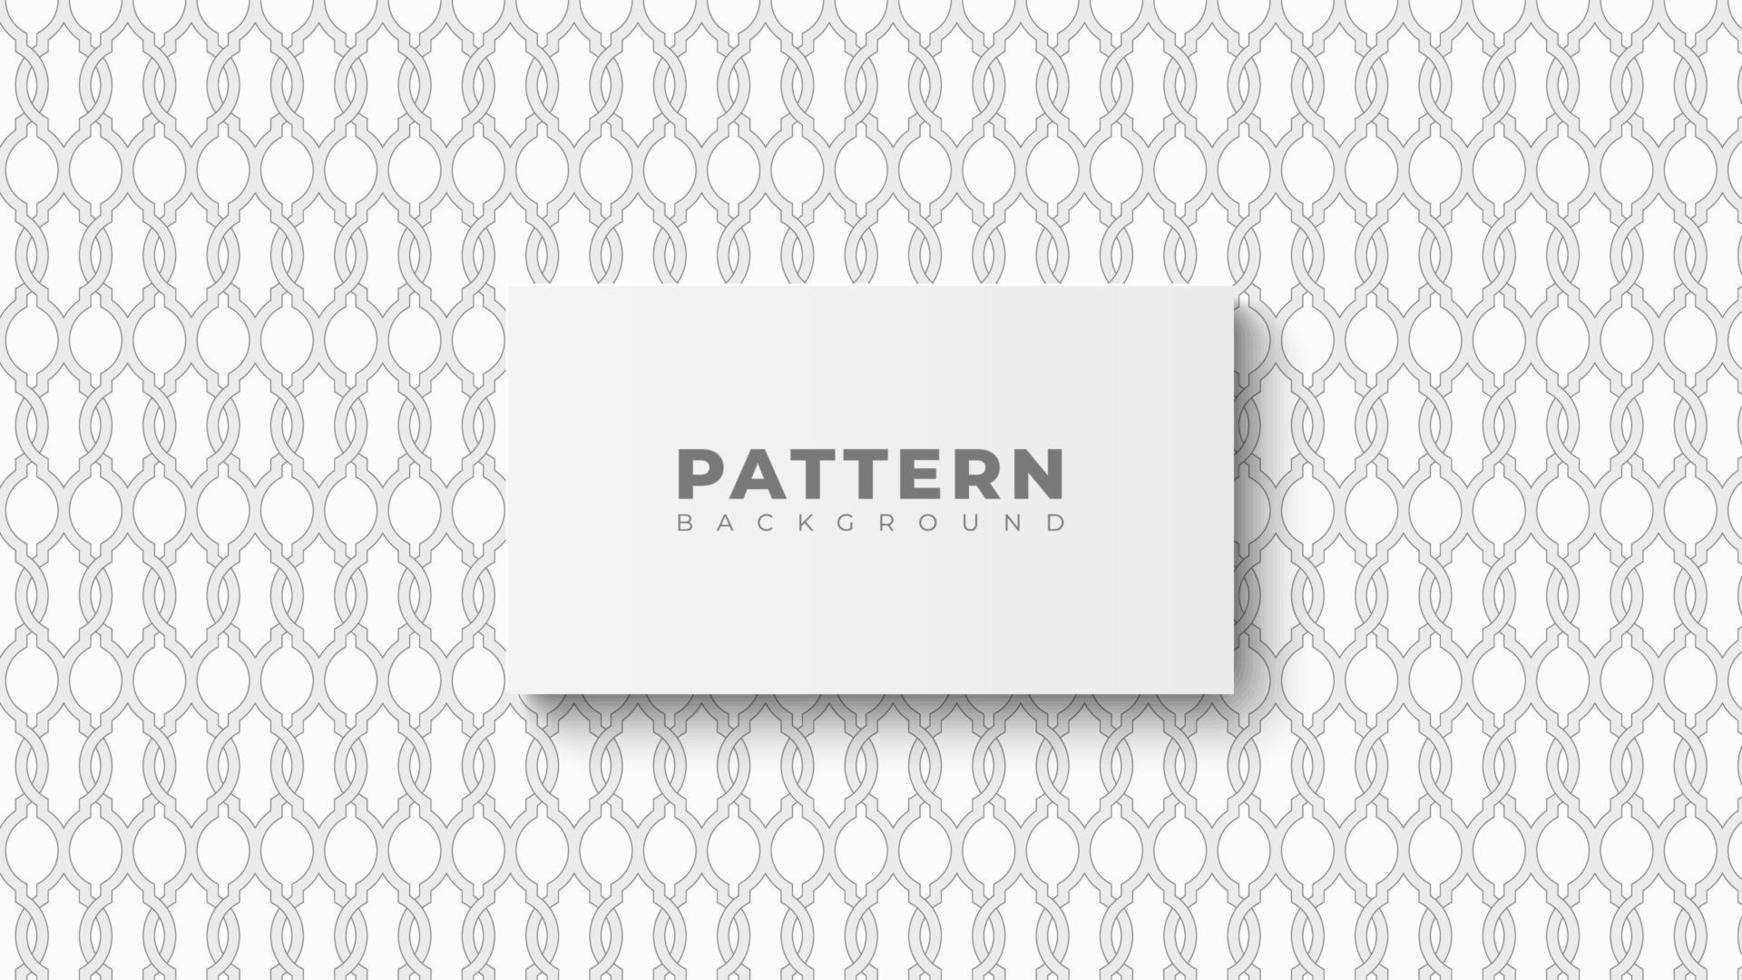 abstraktes dekoratives Muster vektor